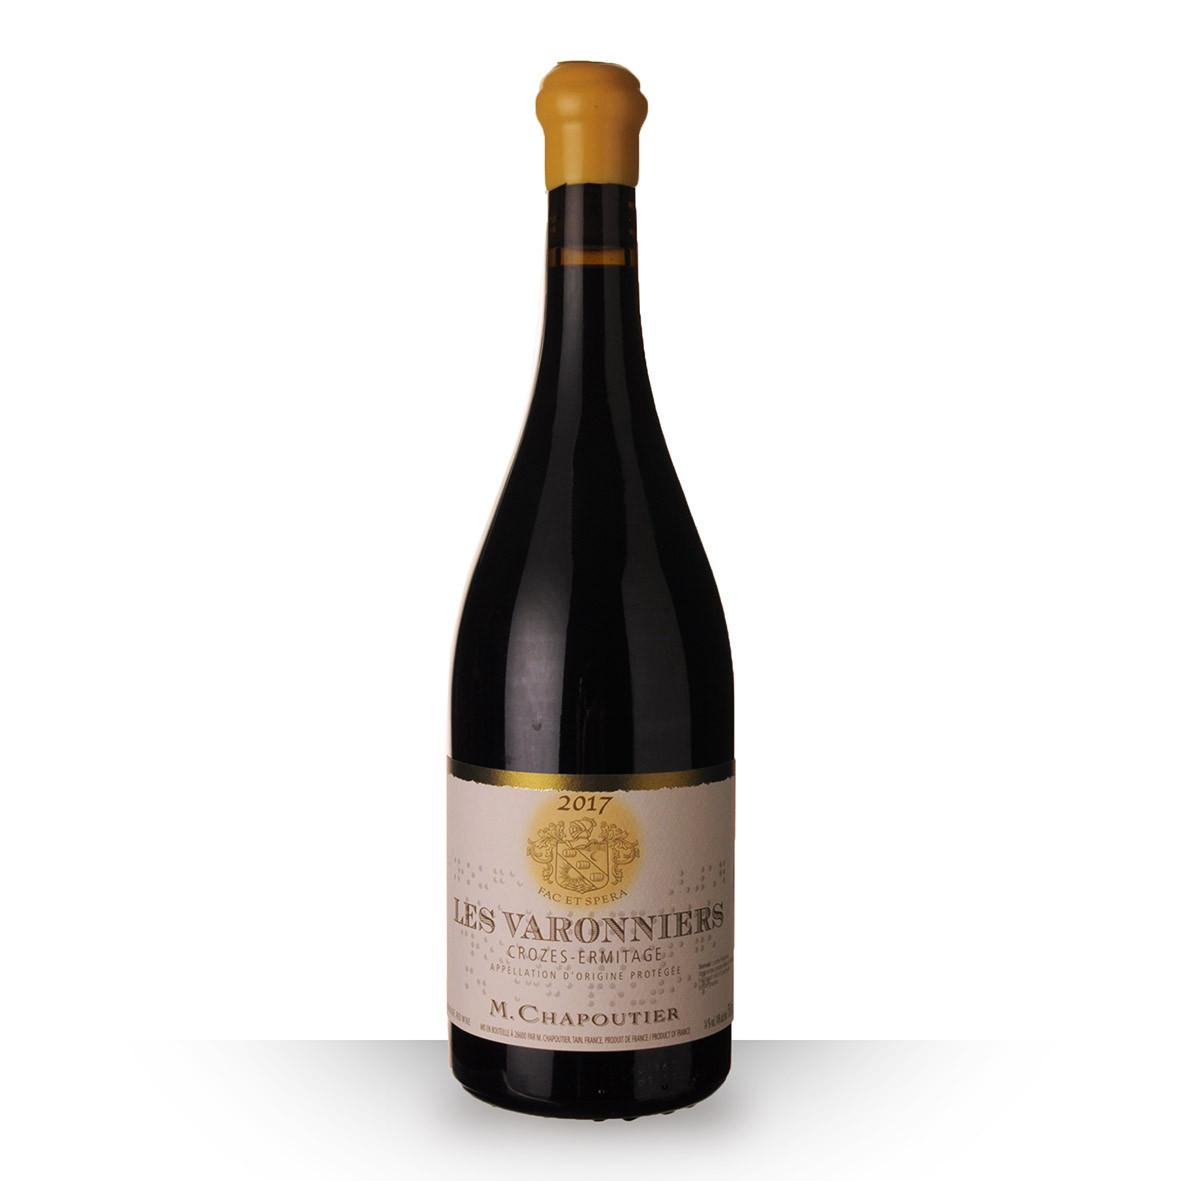 Chapoutier Les Varonniers Crozes-Ermitage Rouge 2017 75cl www.odyssee-vins.com